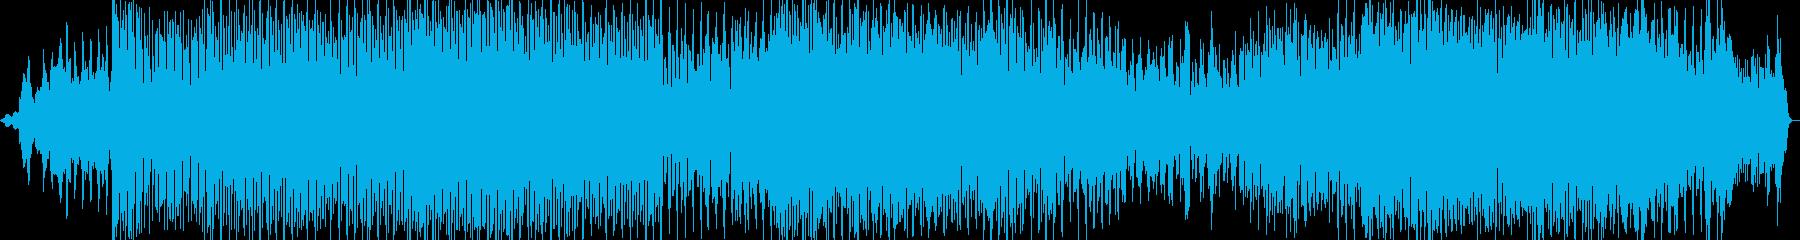 ヨレヨレでサイケなテクノ_催眠_幻覚の再生済みの波形